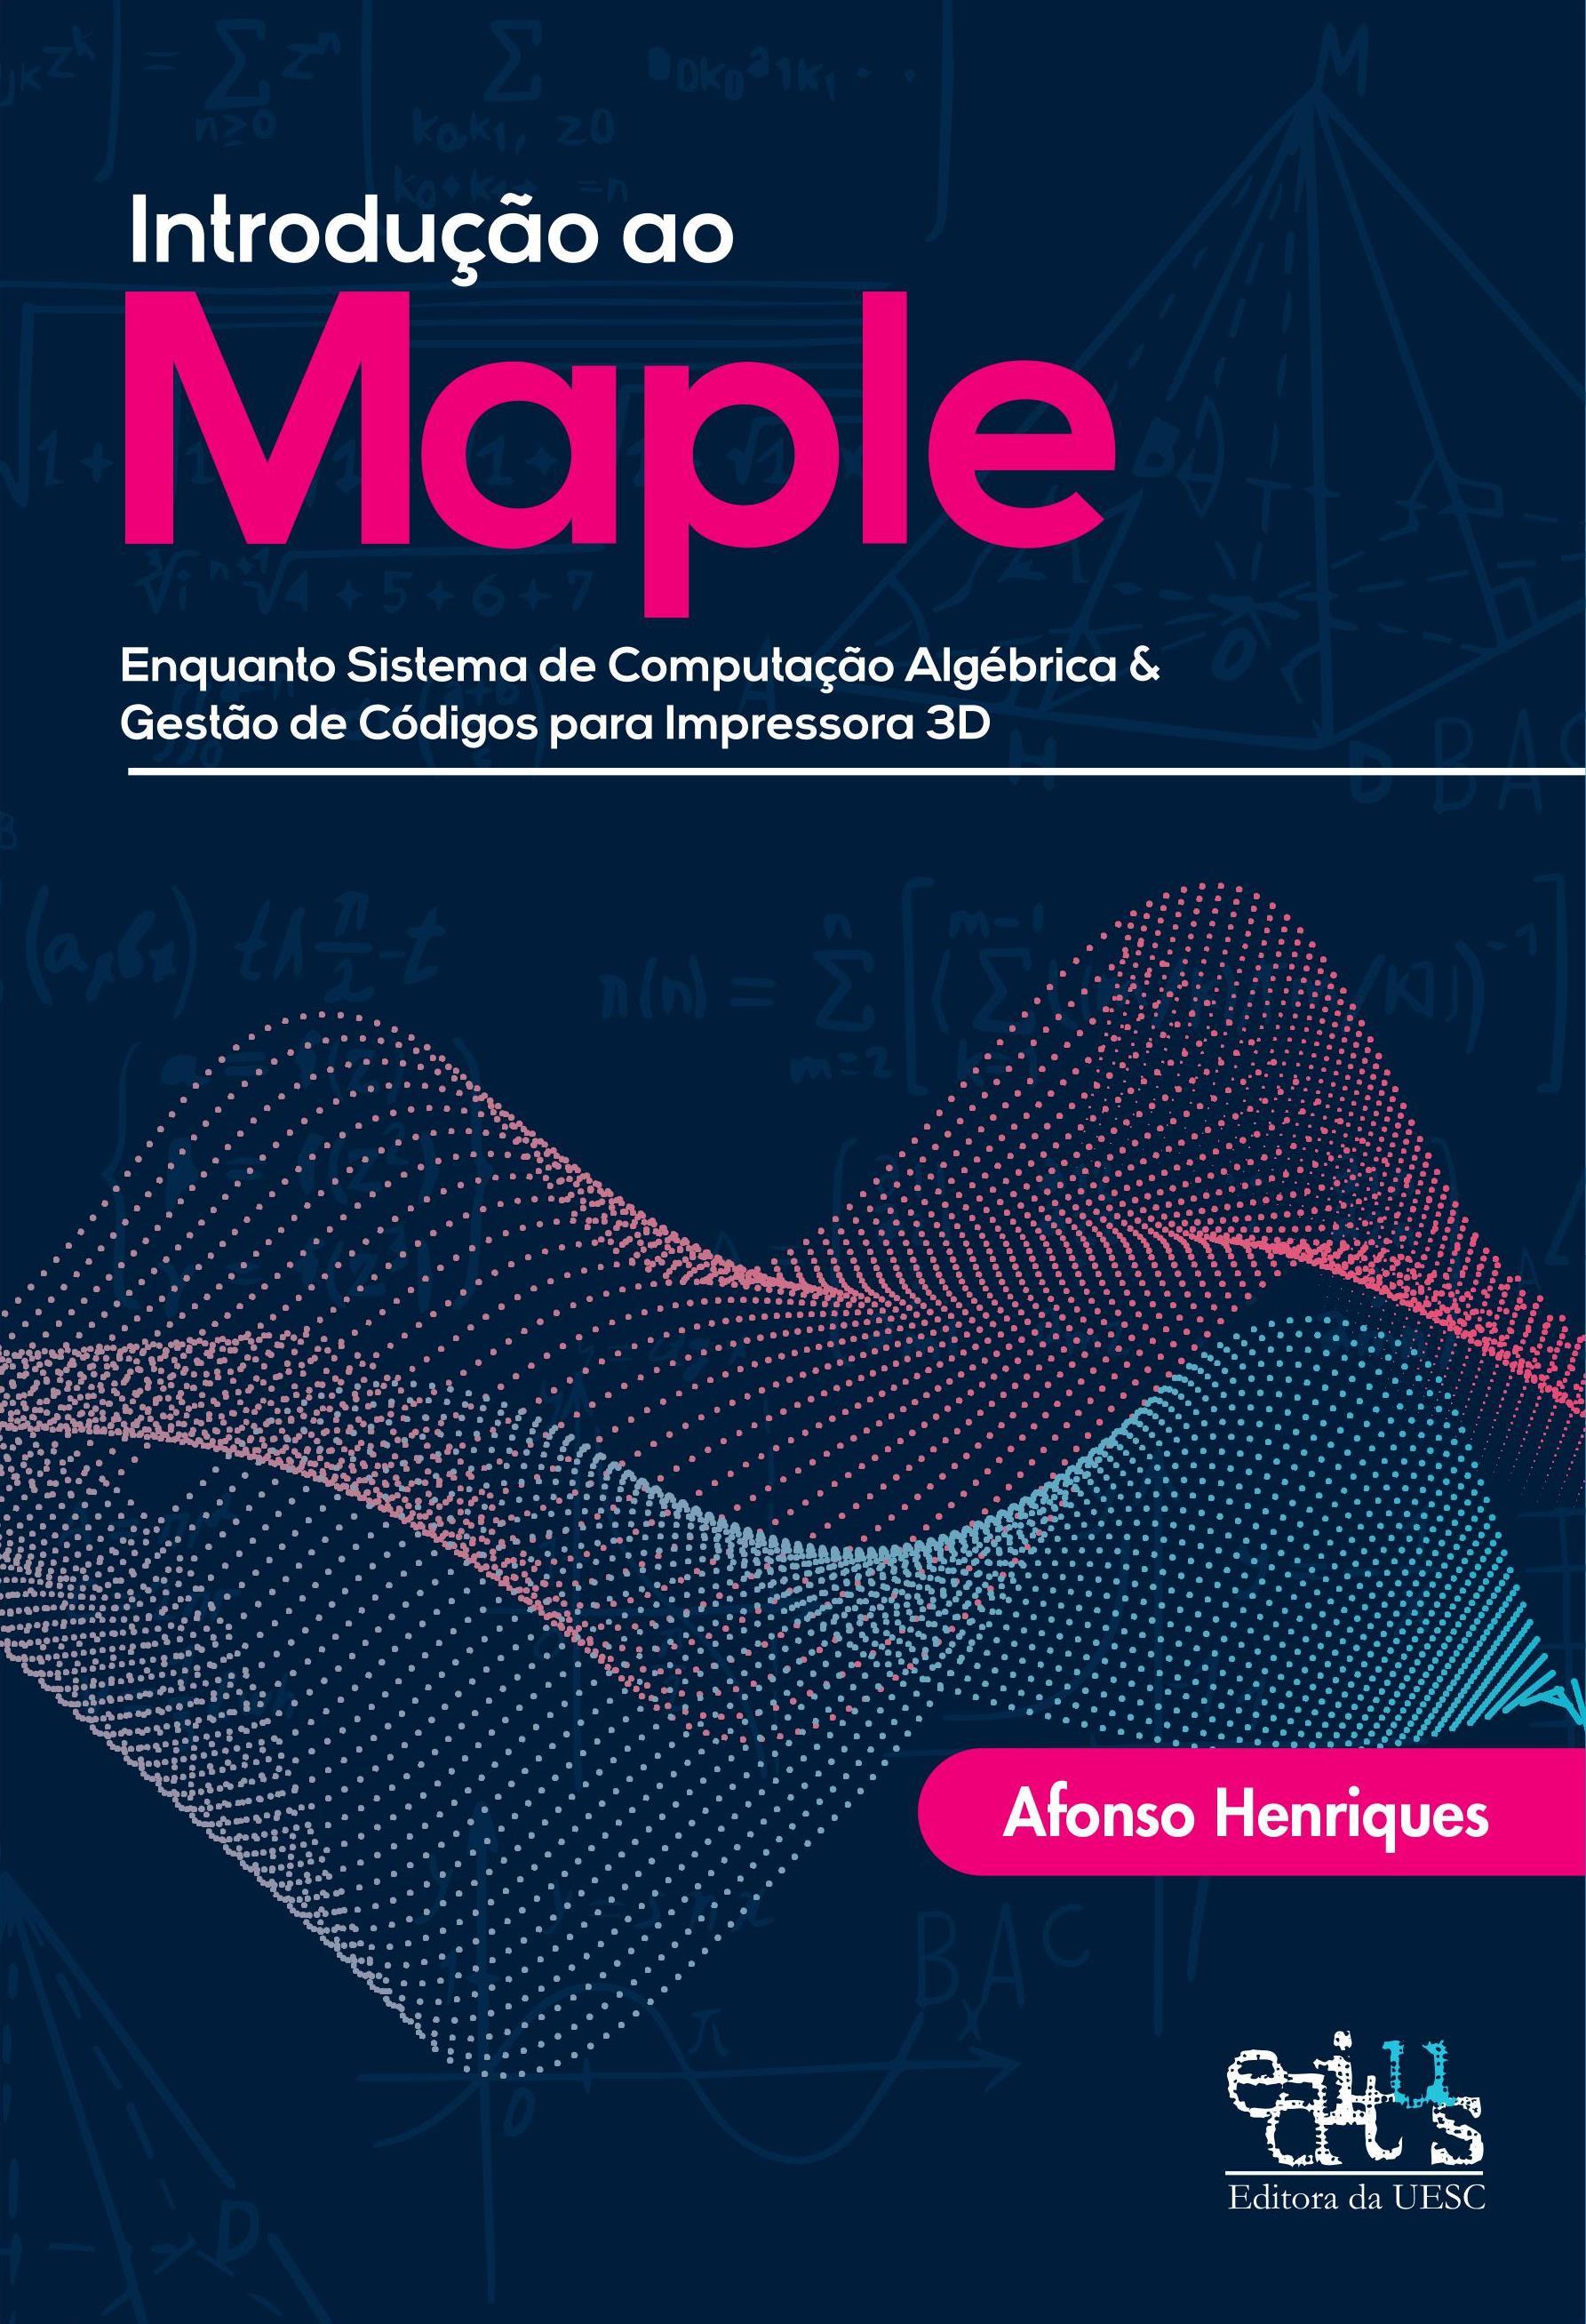 Introdução ao Maple. Enquanto sistema de computação algébrica & gestão de códigos para impressora 3D, livro de Afonso Henriques